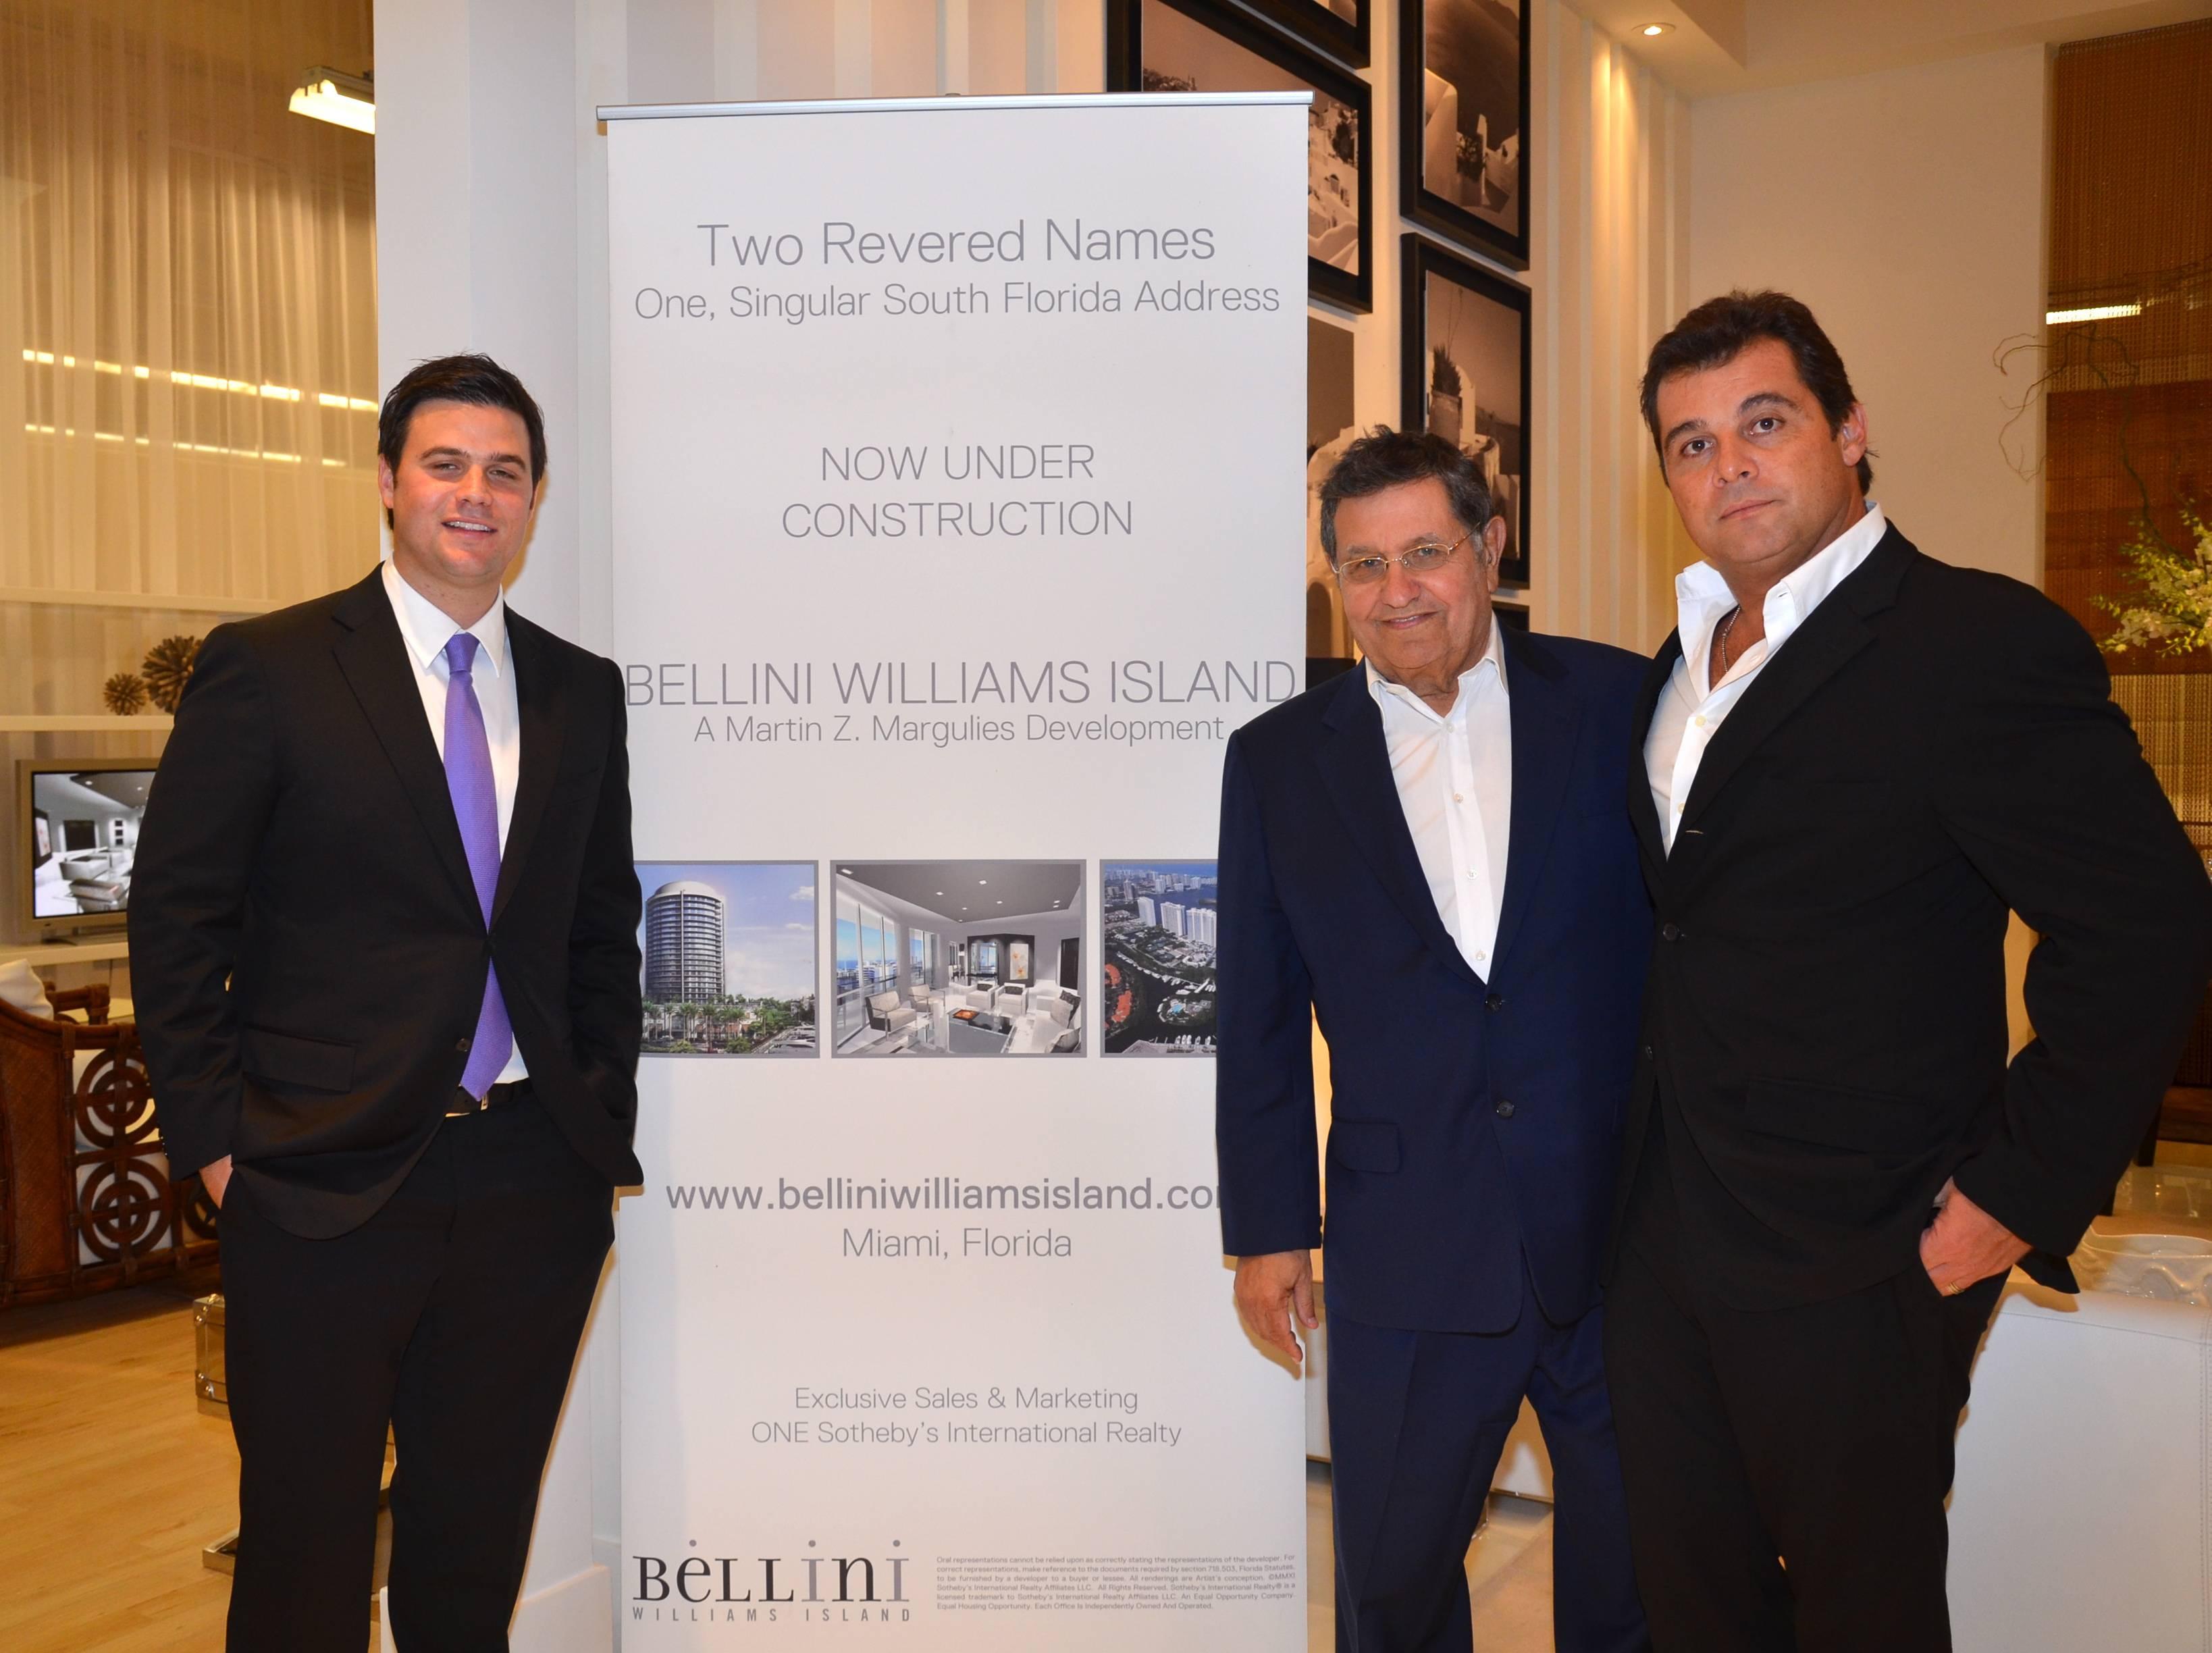 Daniel de la Vega, Martin Z. Margulies and Paulo Bacchi